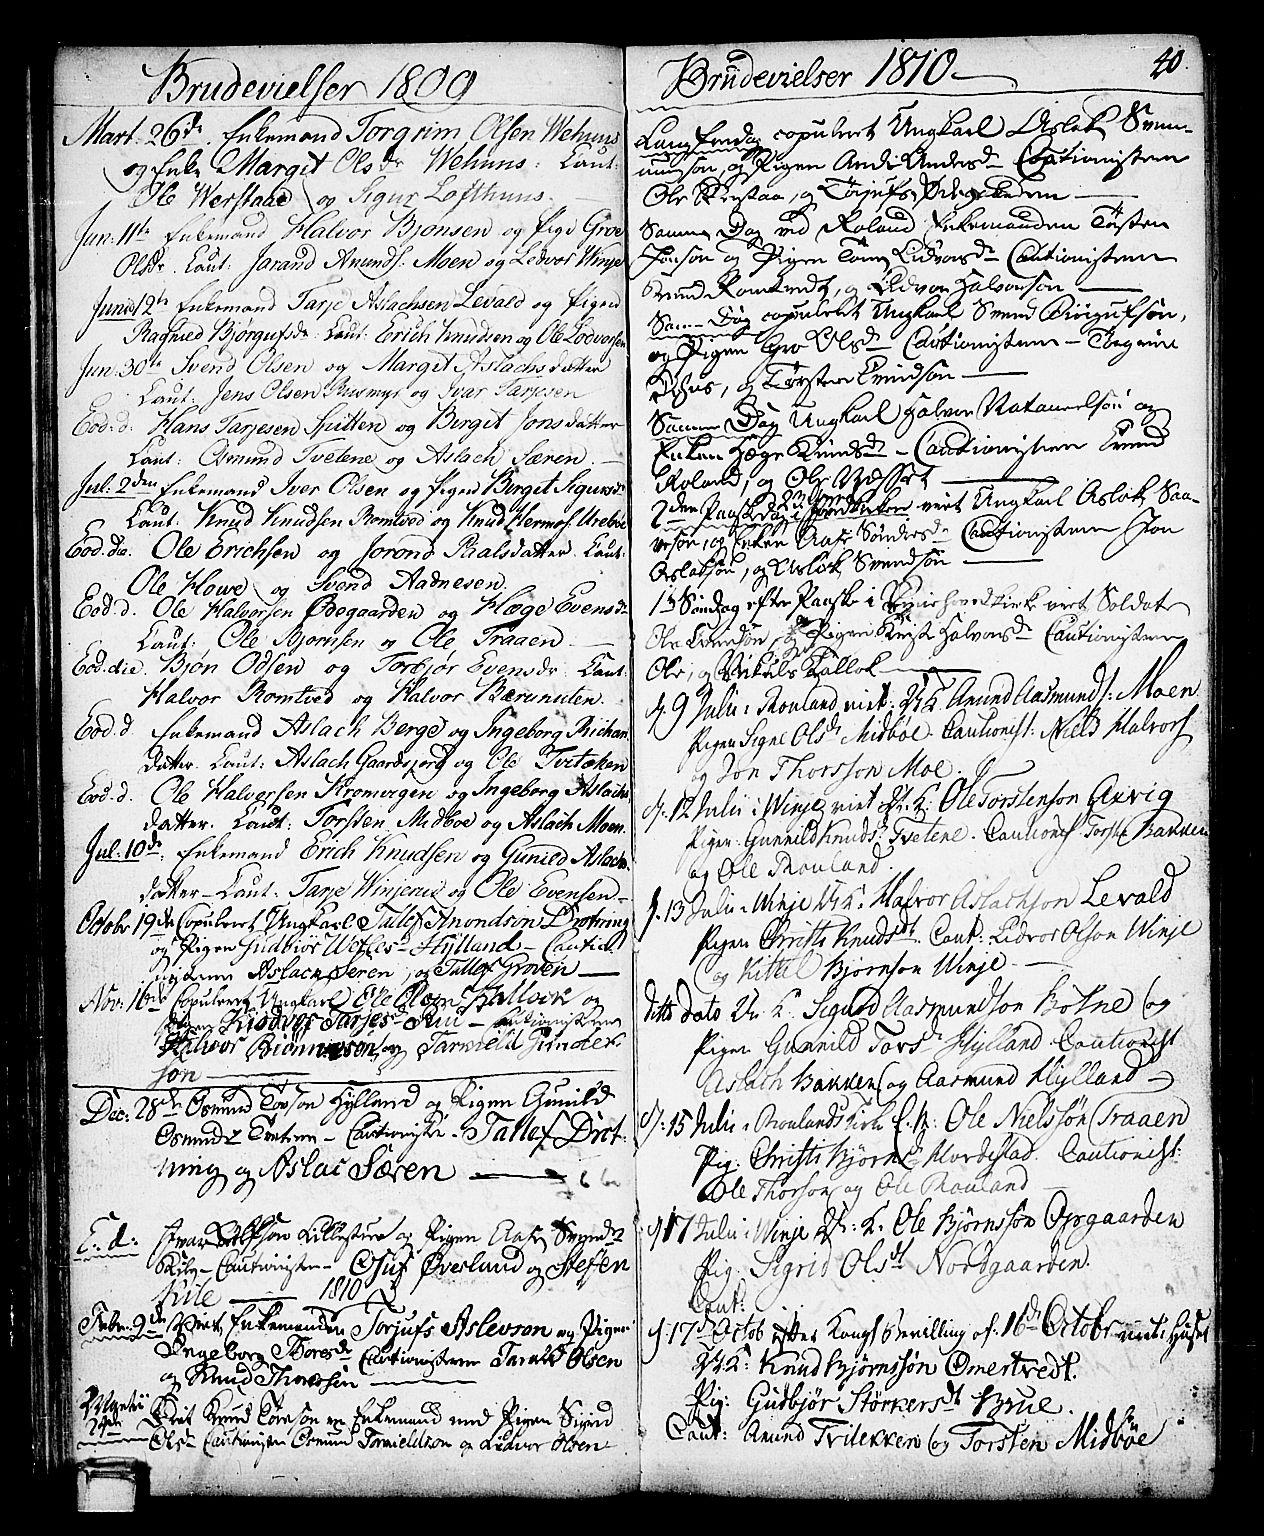 SAKO, Vinje kirkebøker, F/Fa/L0002: Ministerialbok nr. I 2, 1767-1814, s. 40